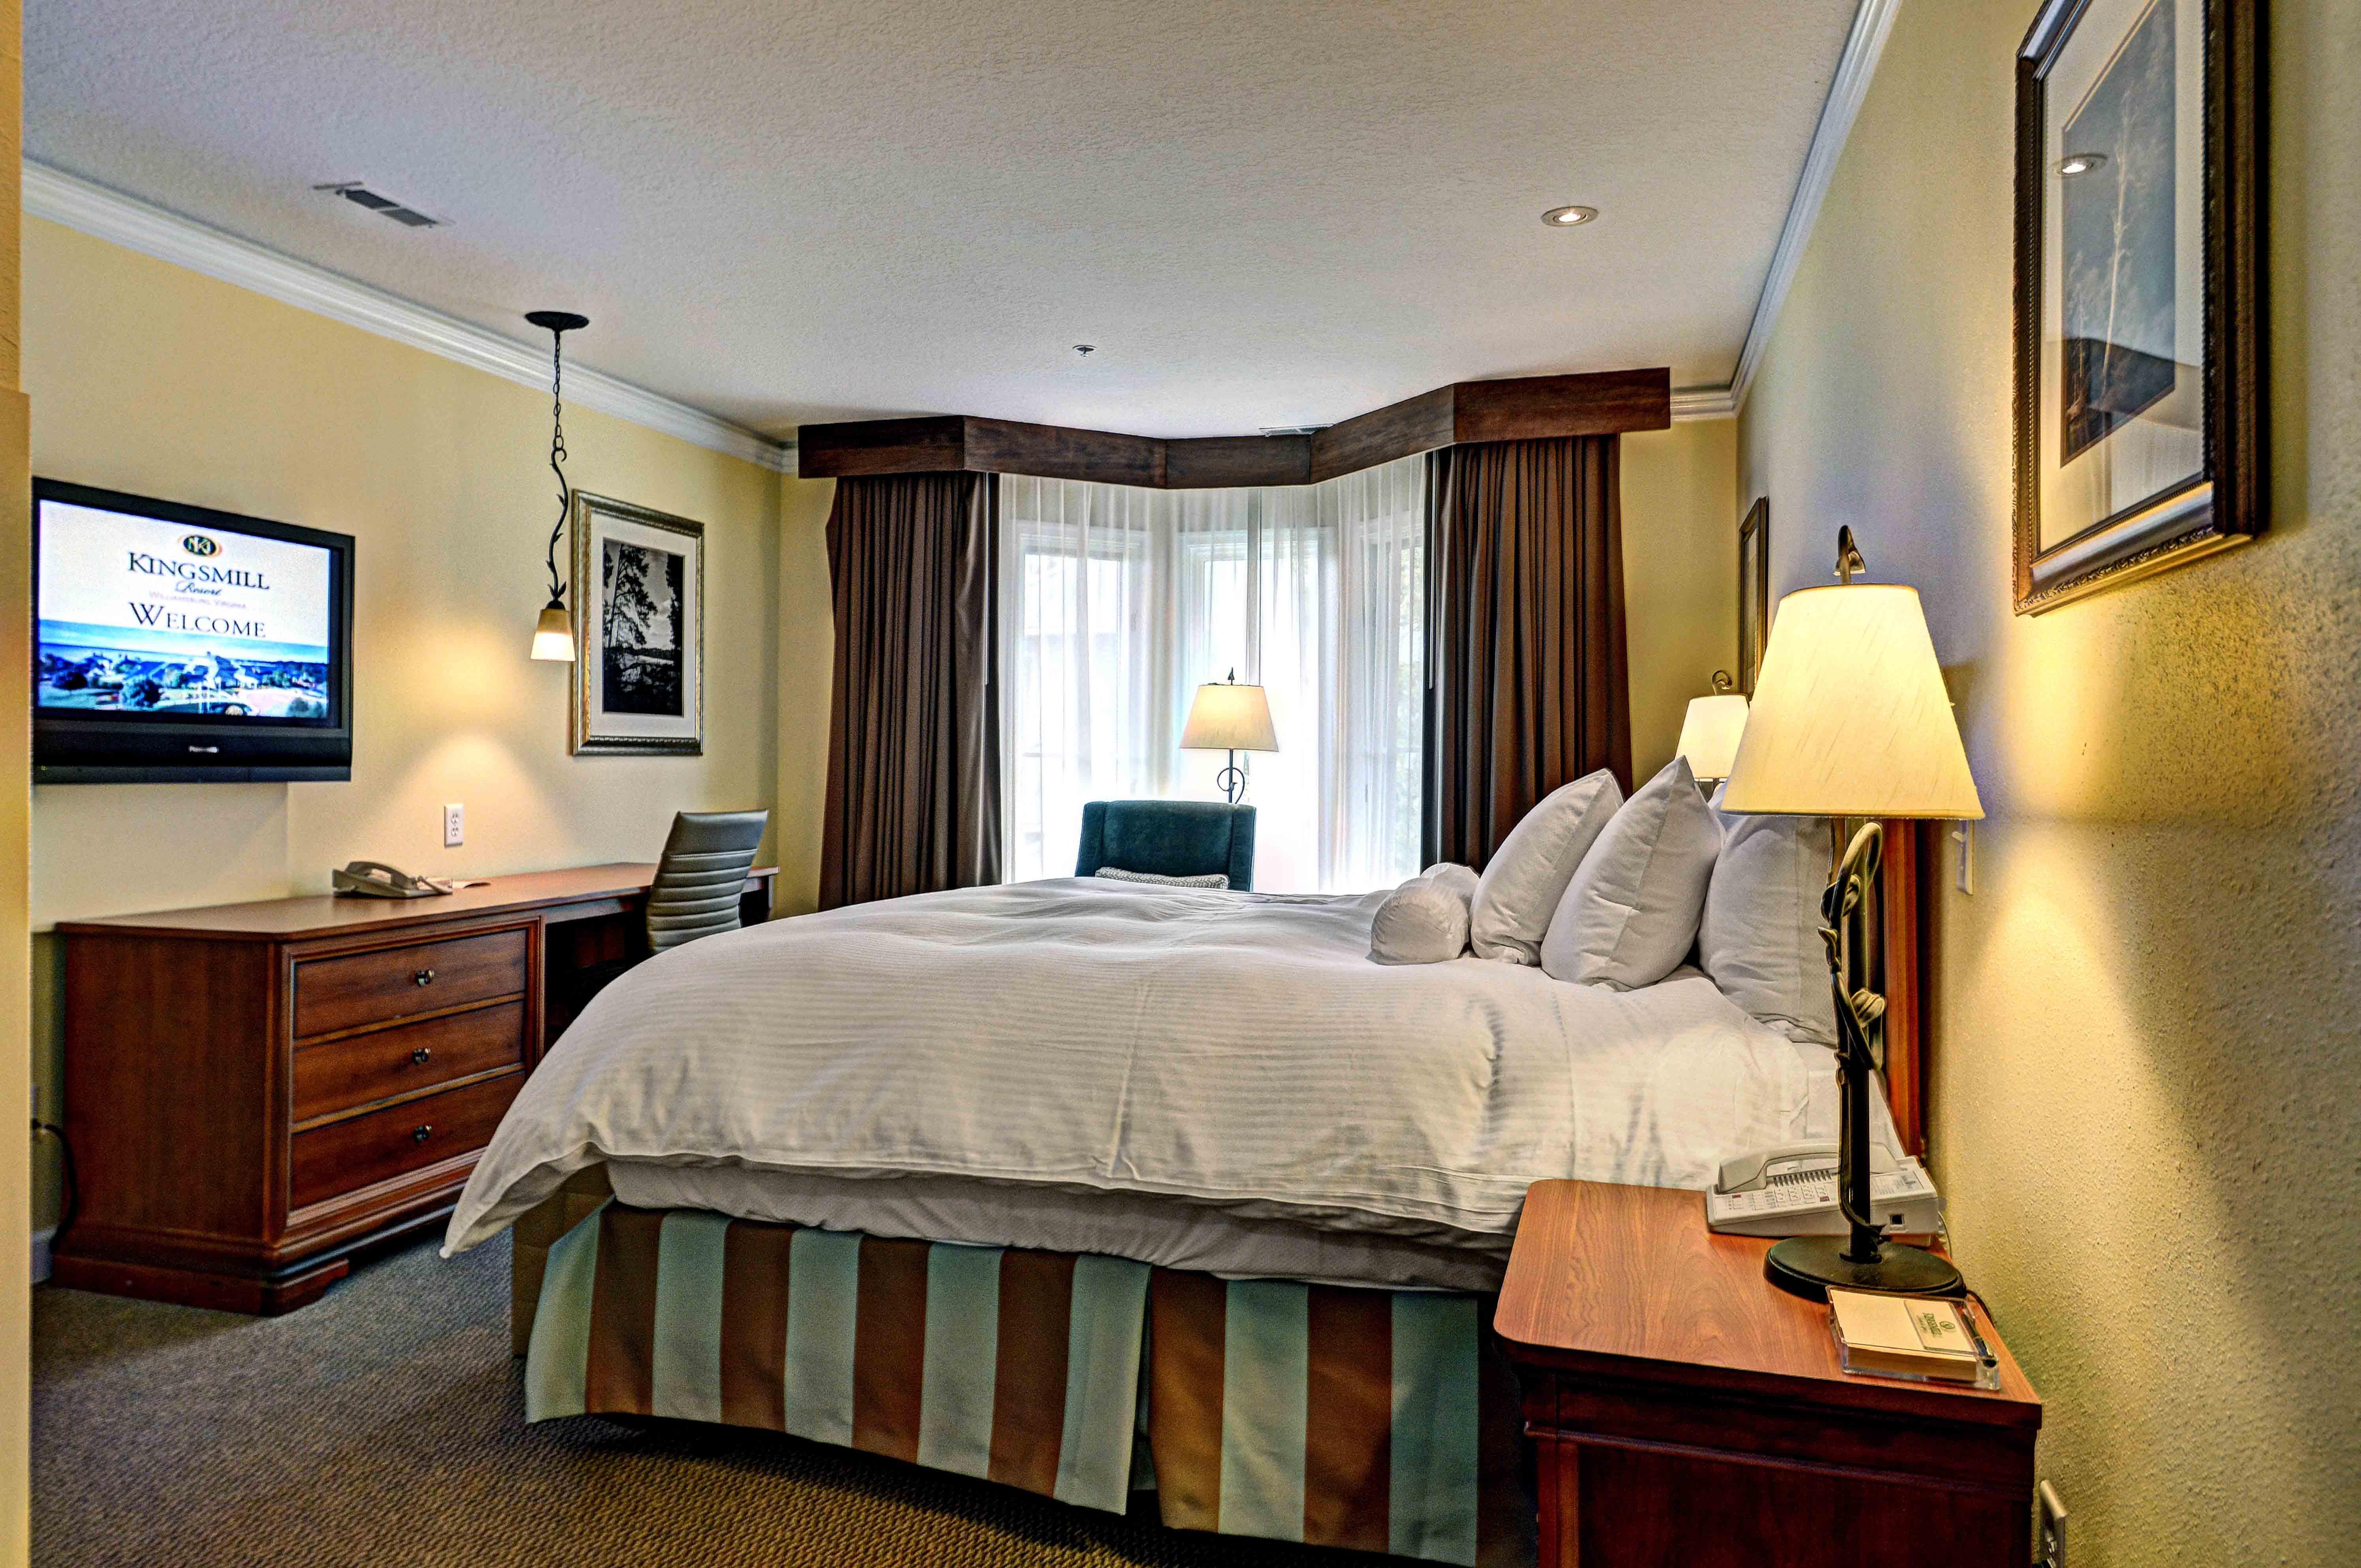 Resort Accommodations Kingsmill Resort Williamsburg Va